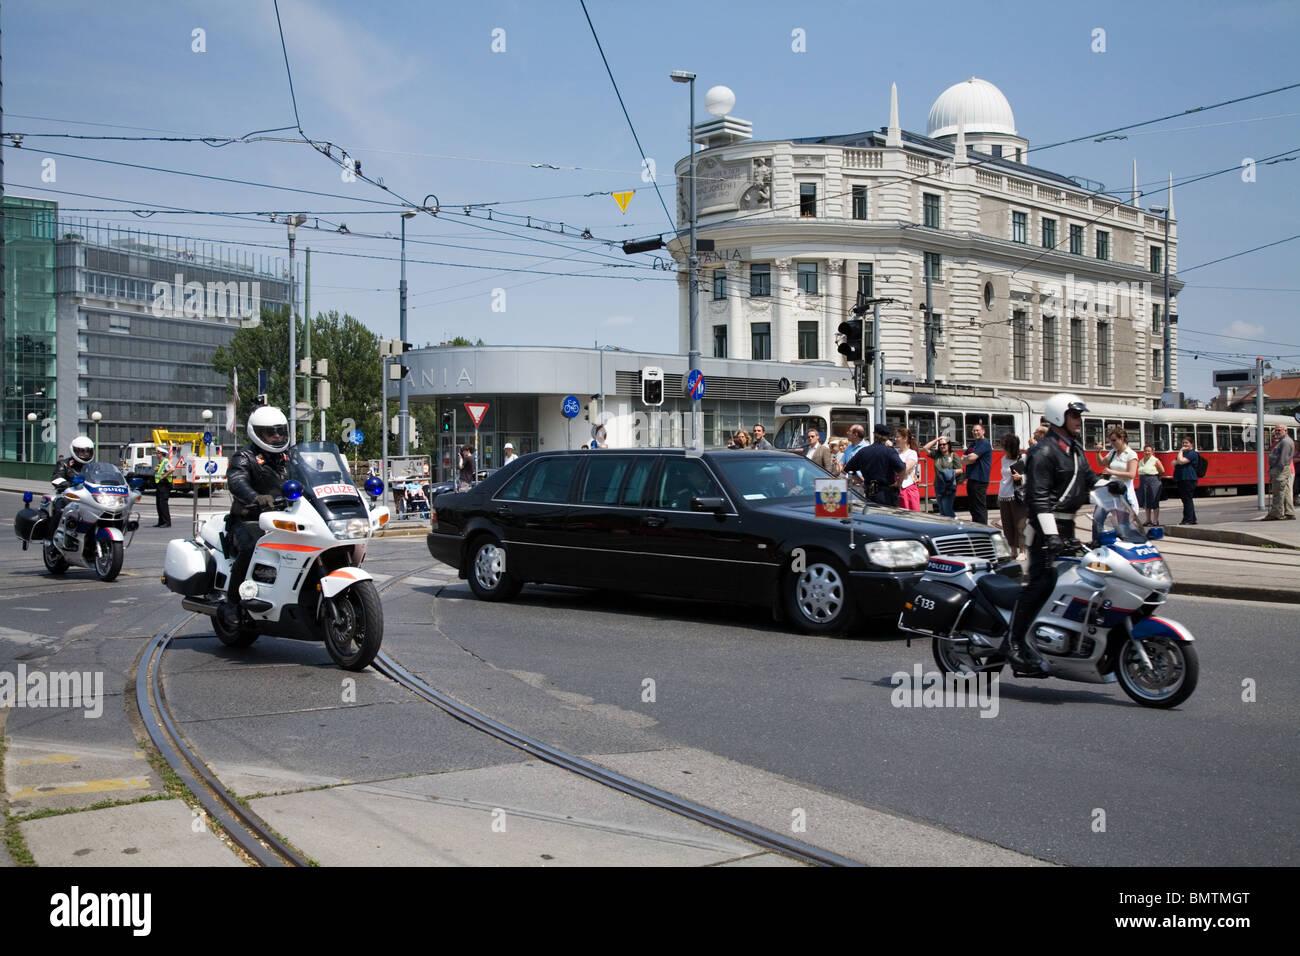 Visite de Vladimir Poutine en 2007 Vienne, Autriche Photo Stock